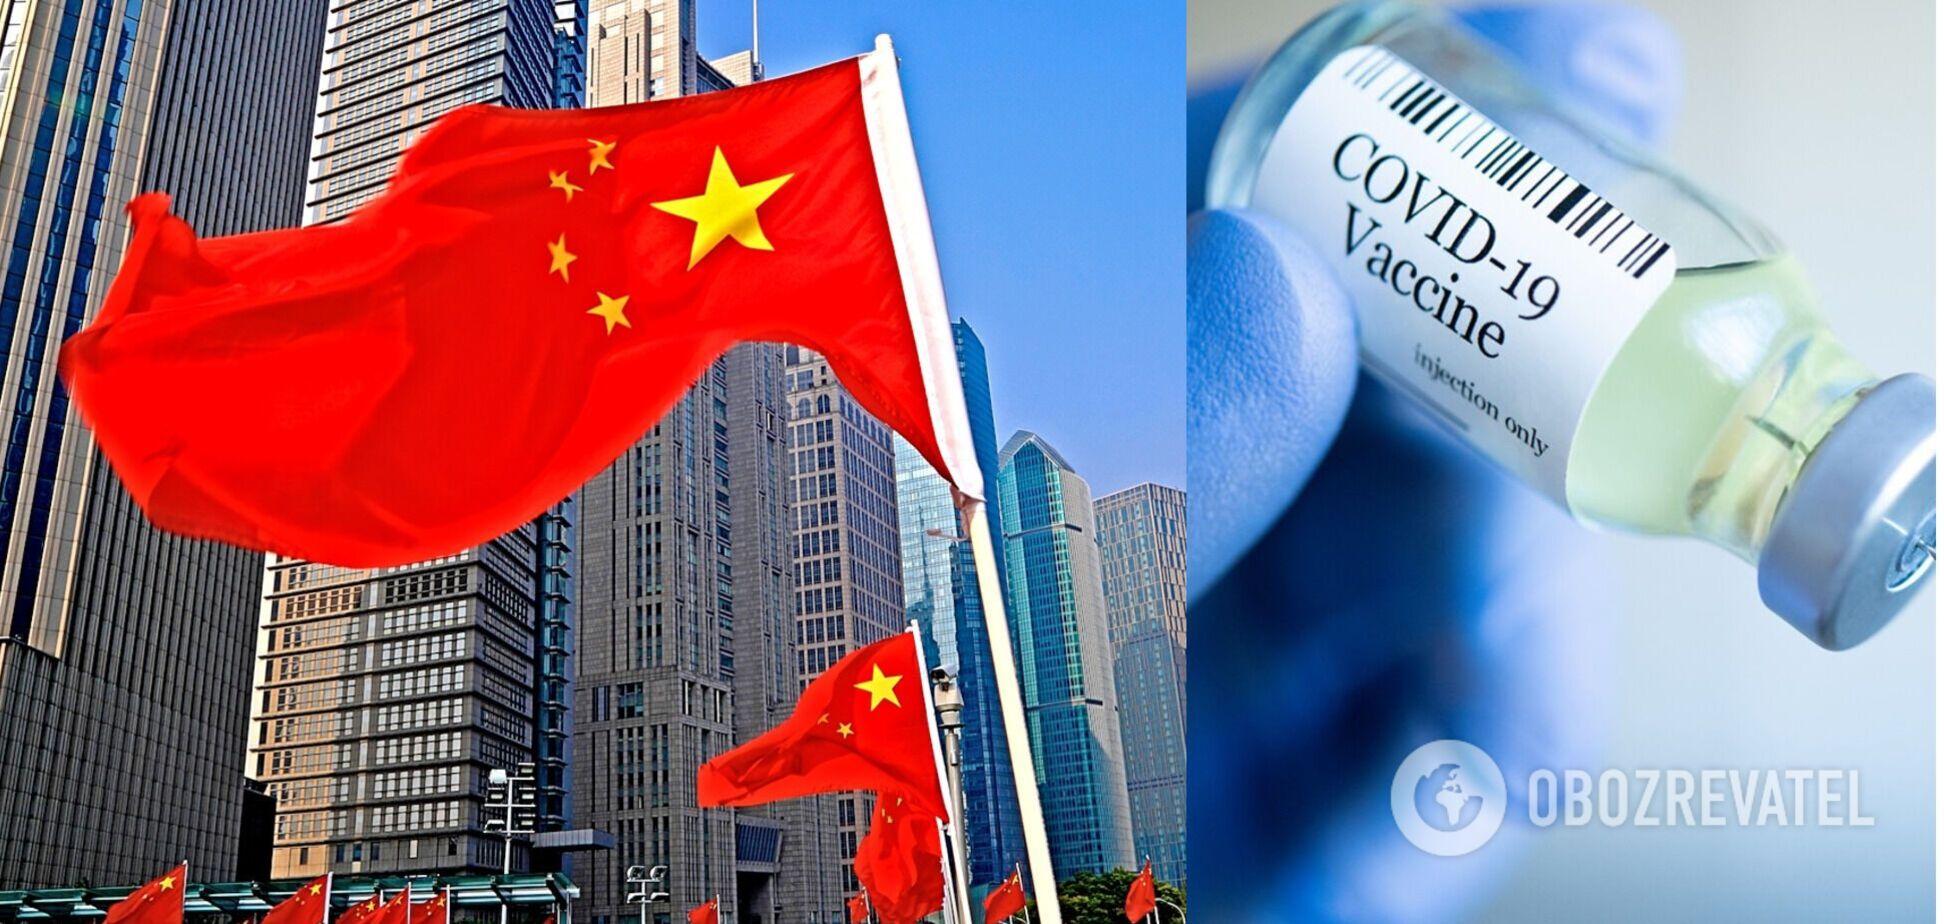 ЗМІ дізналися, як Китай погрожував Україні зупинкою поставки вакцин, в КНР все заперечують